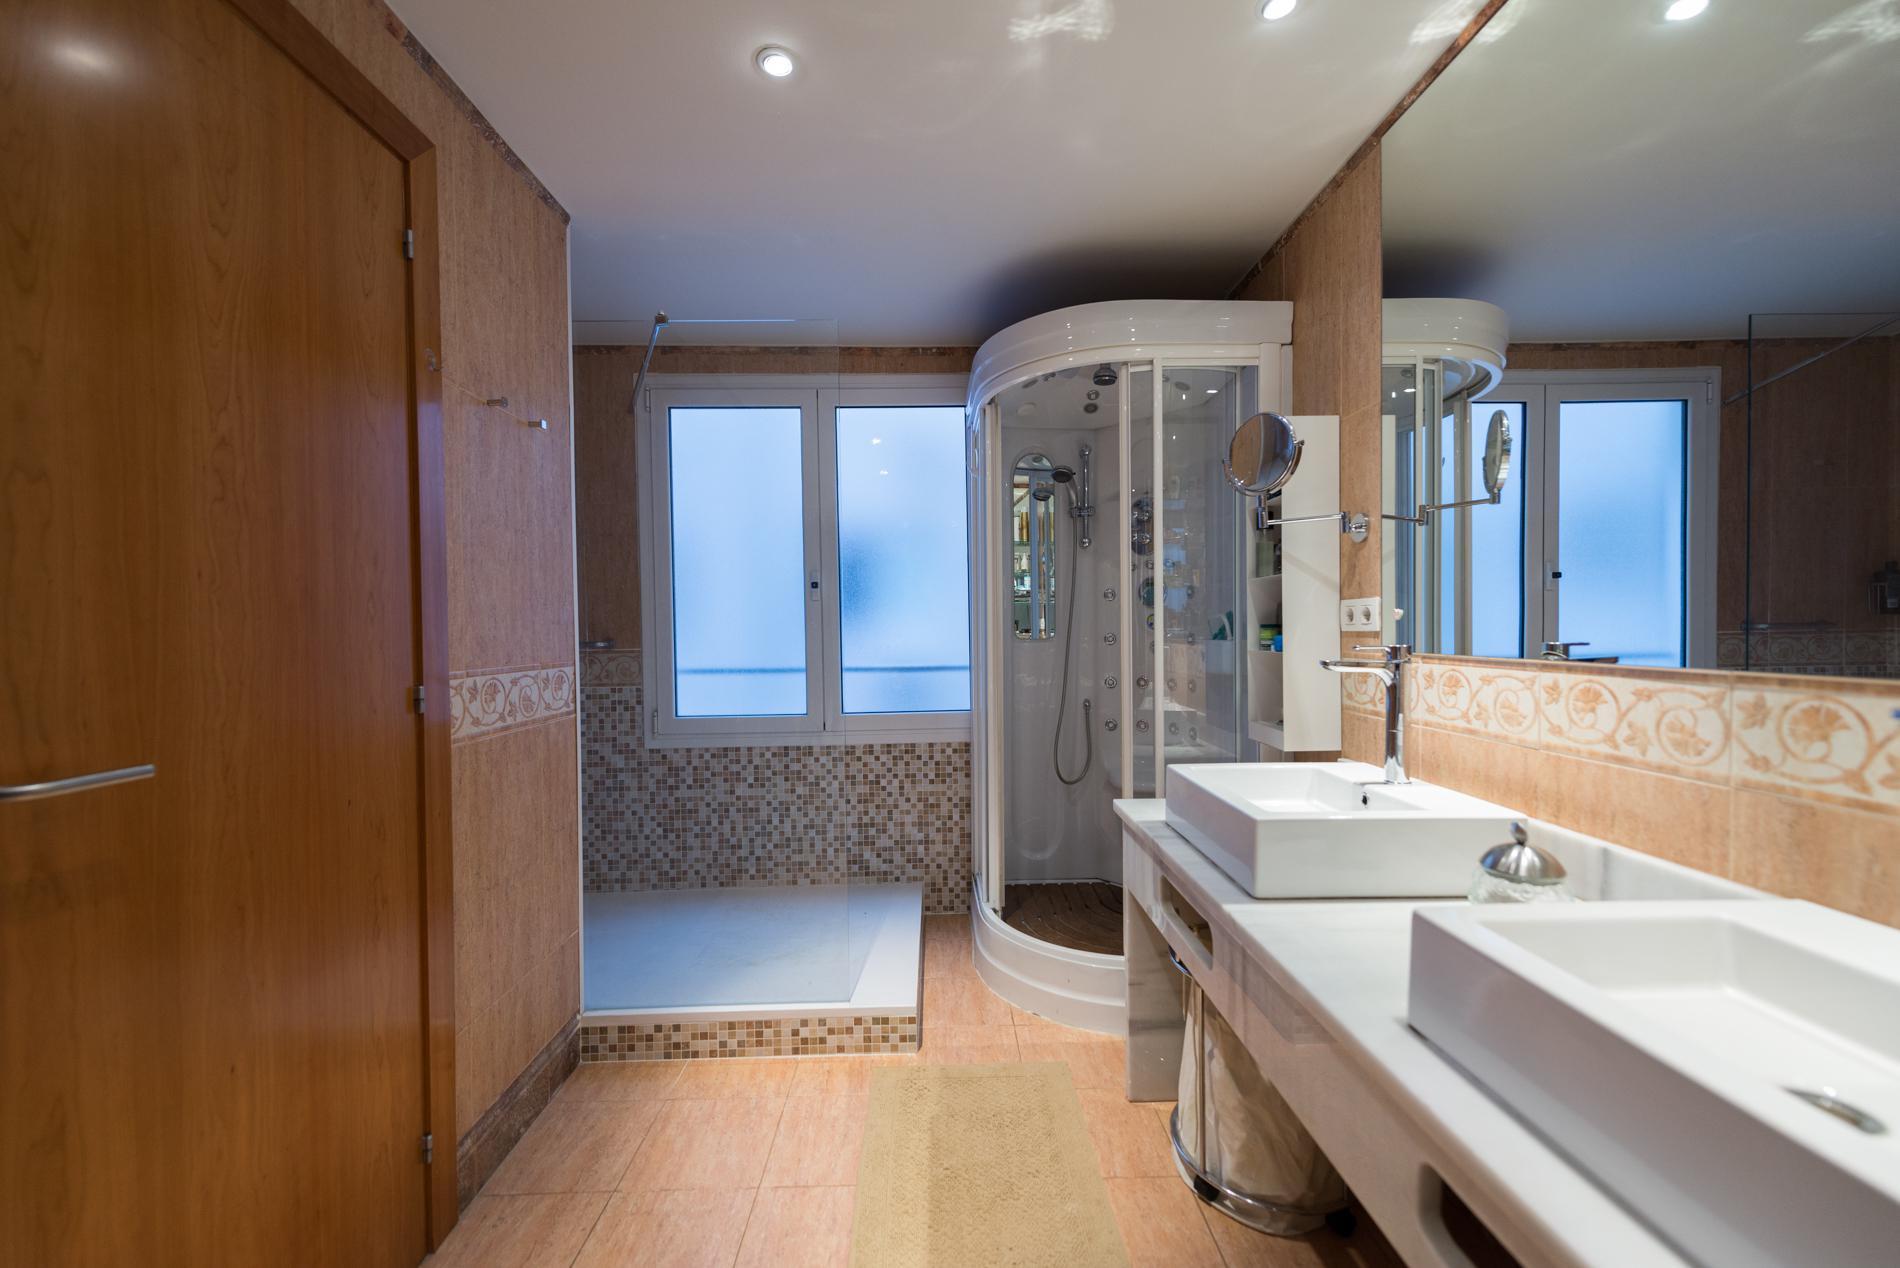 222426 Apartment for sale in Eixample, Dreta Eixample 21